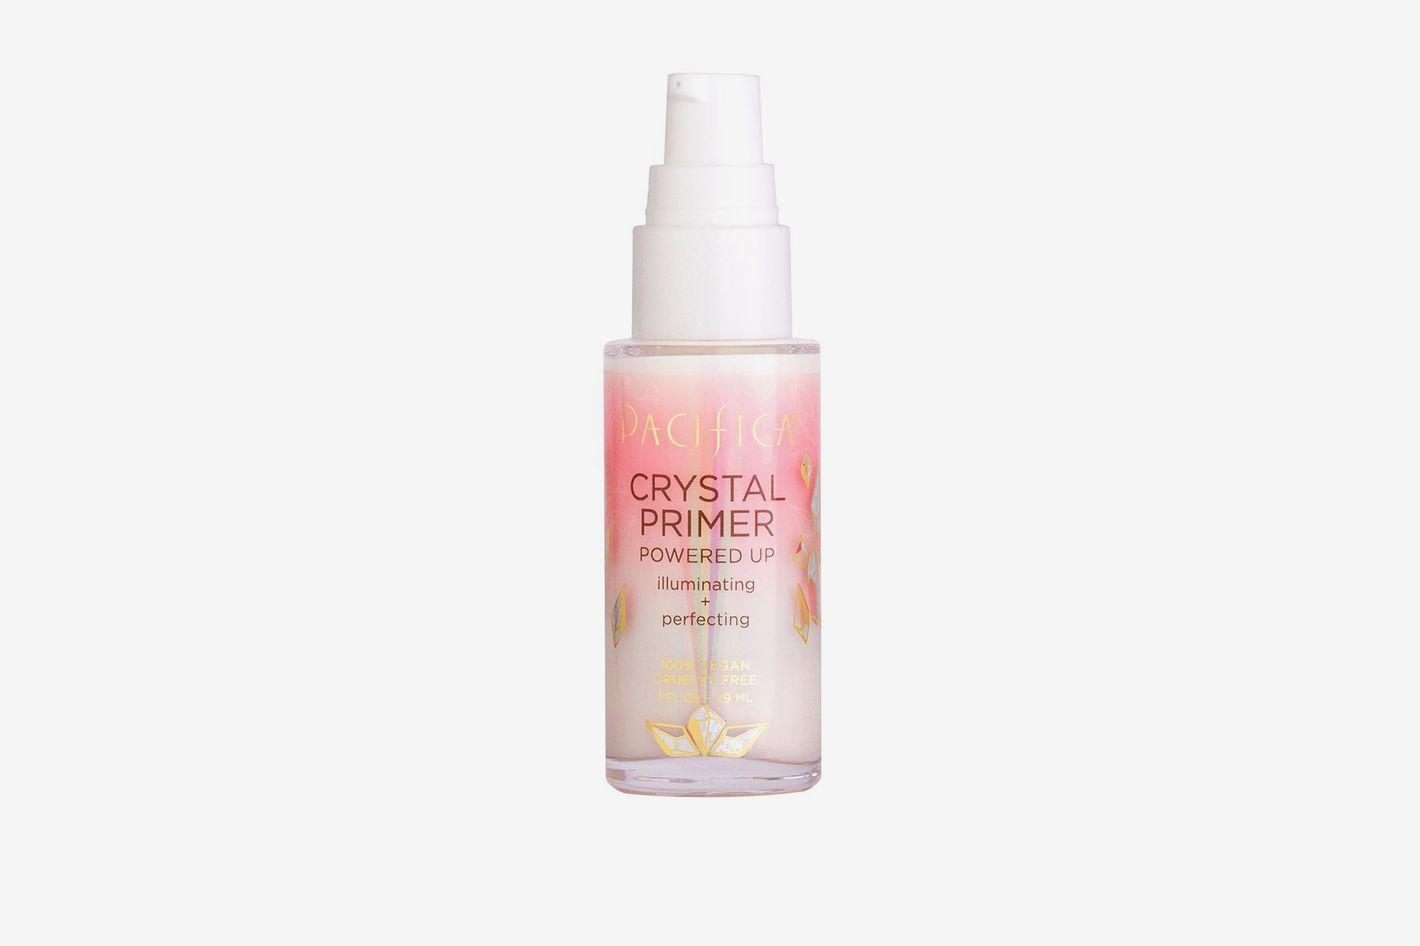 Crystal Primer